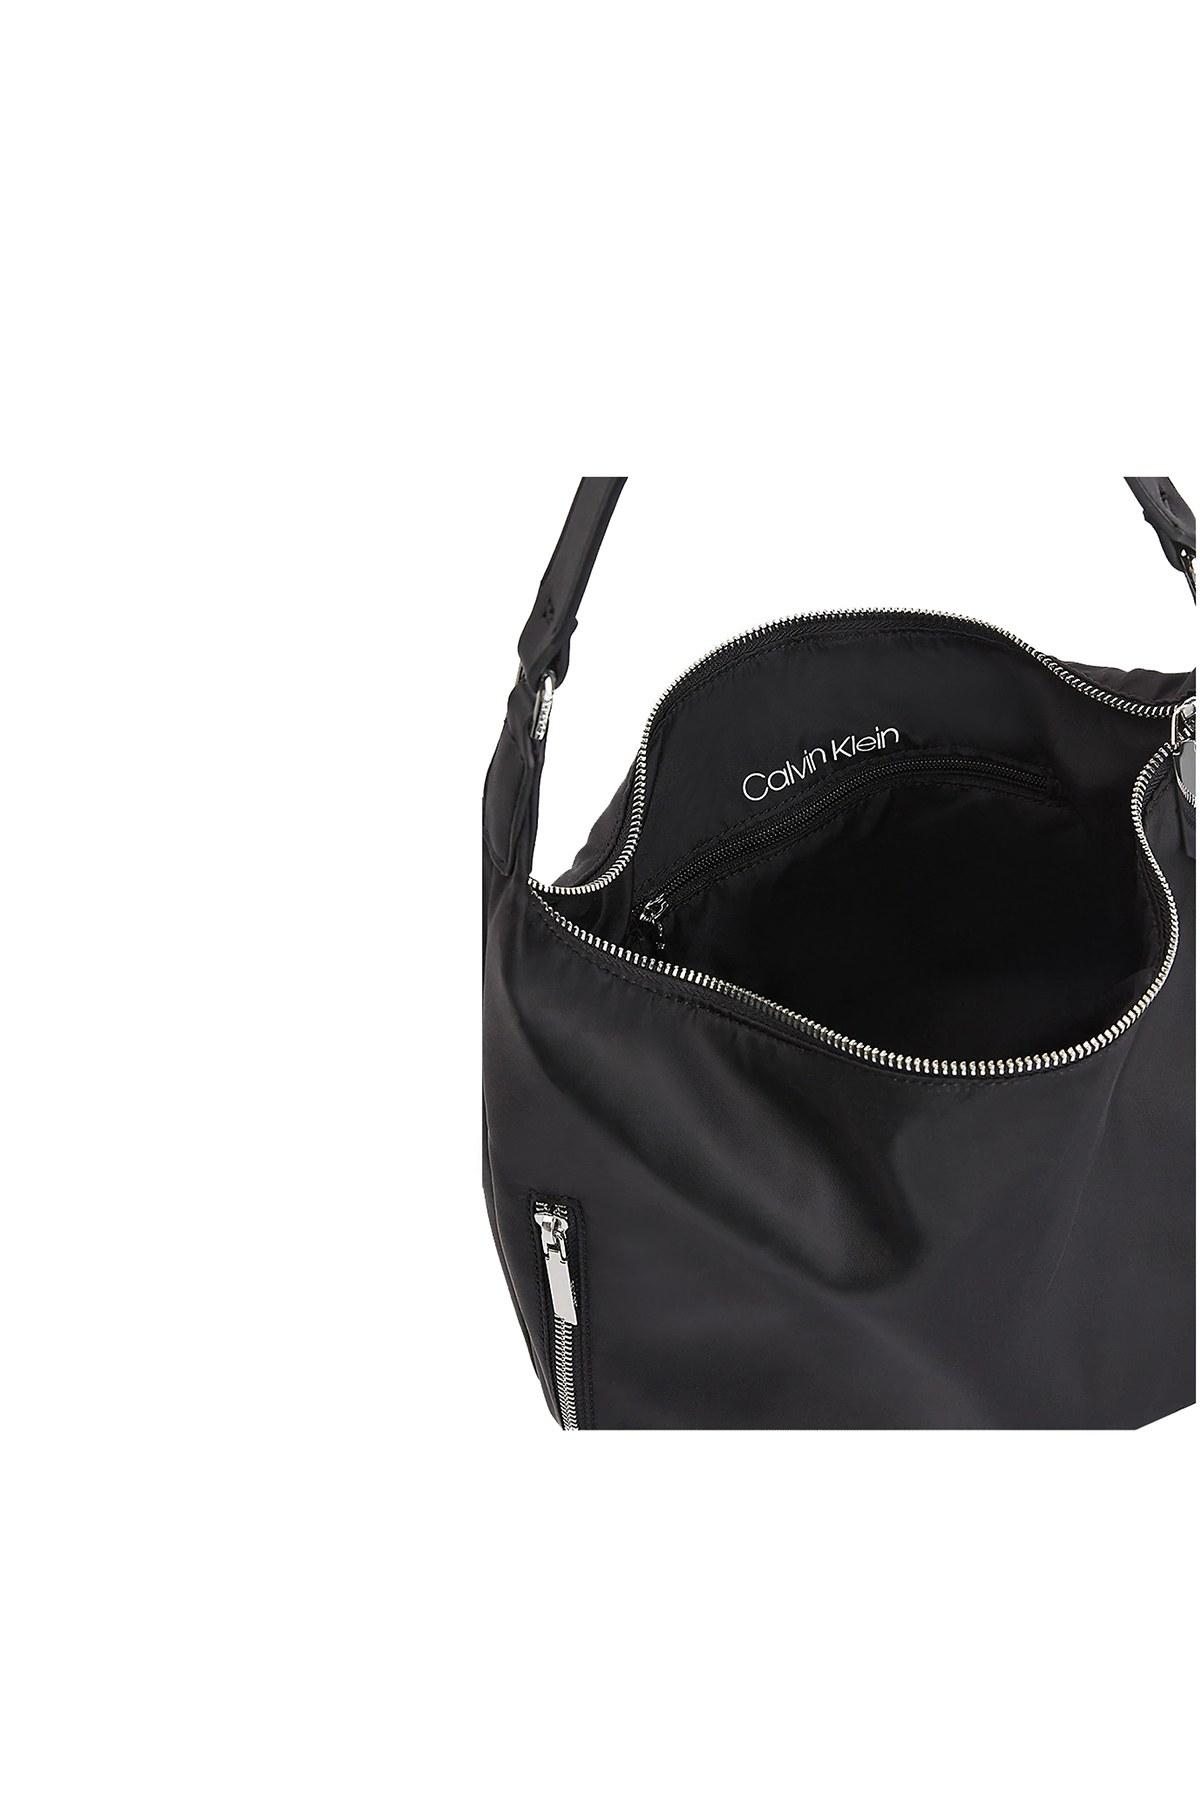 Calvin Klein Fermuar Kapamalı Kadın Çanta K60K607023 BAX SİYAH